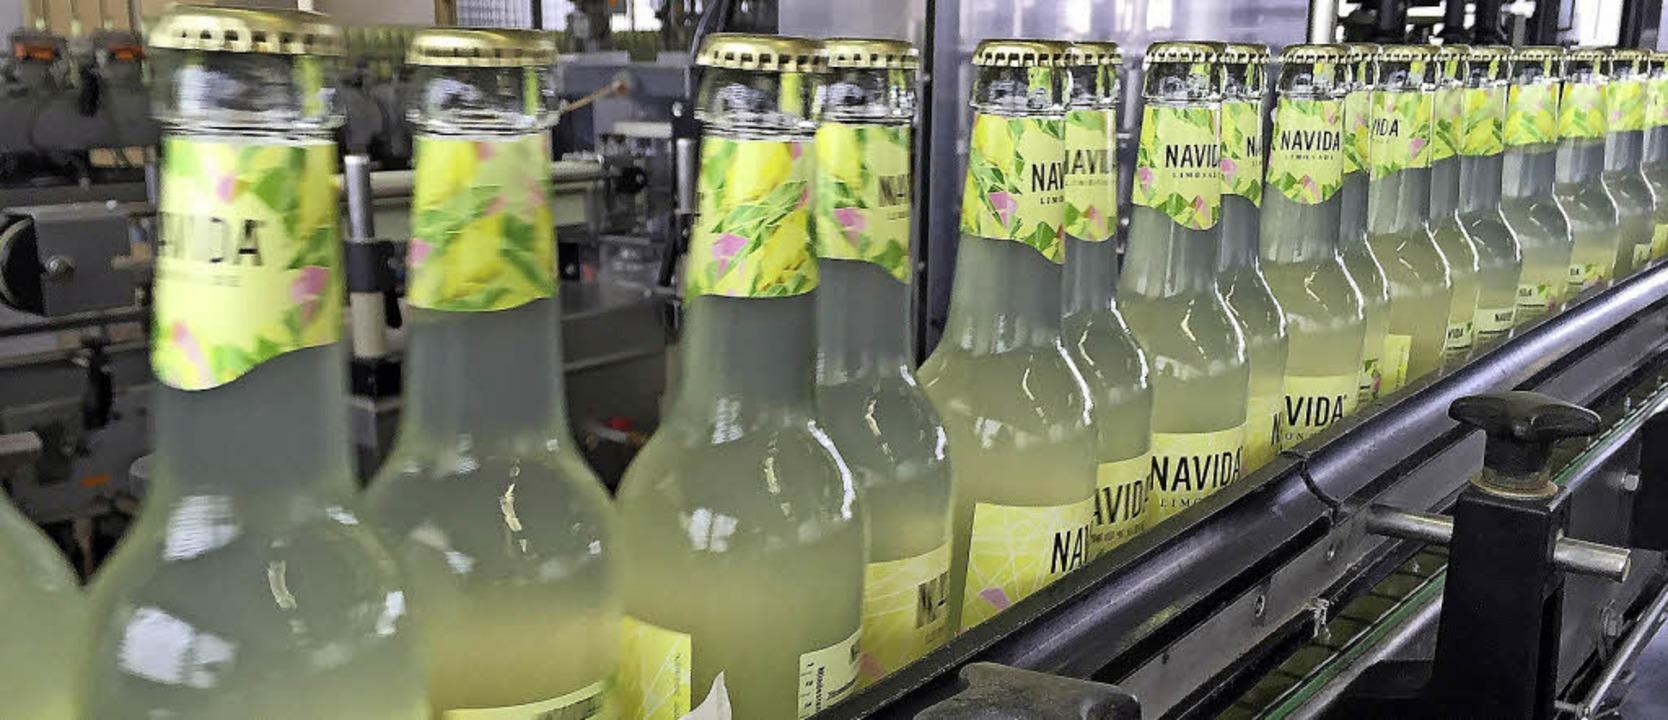 Die erste Serie der Limonade läuft in der Brauerei Lasser übers Band.   | Foto: zvg